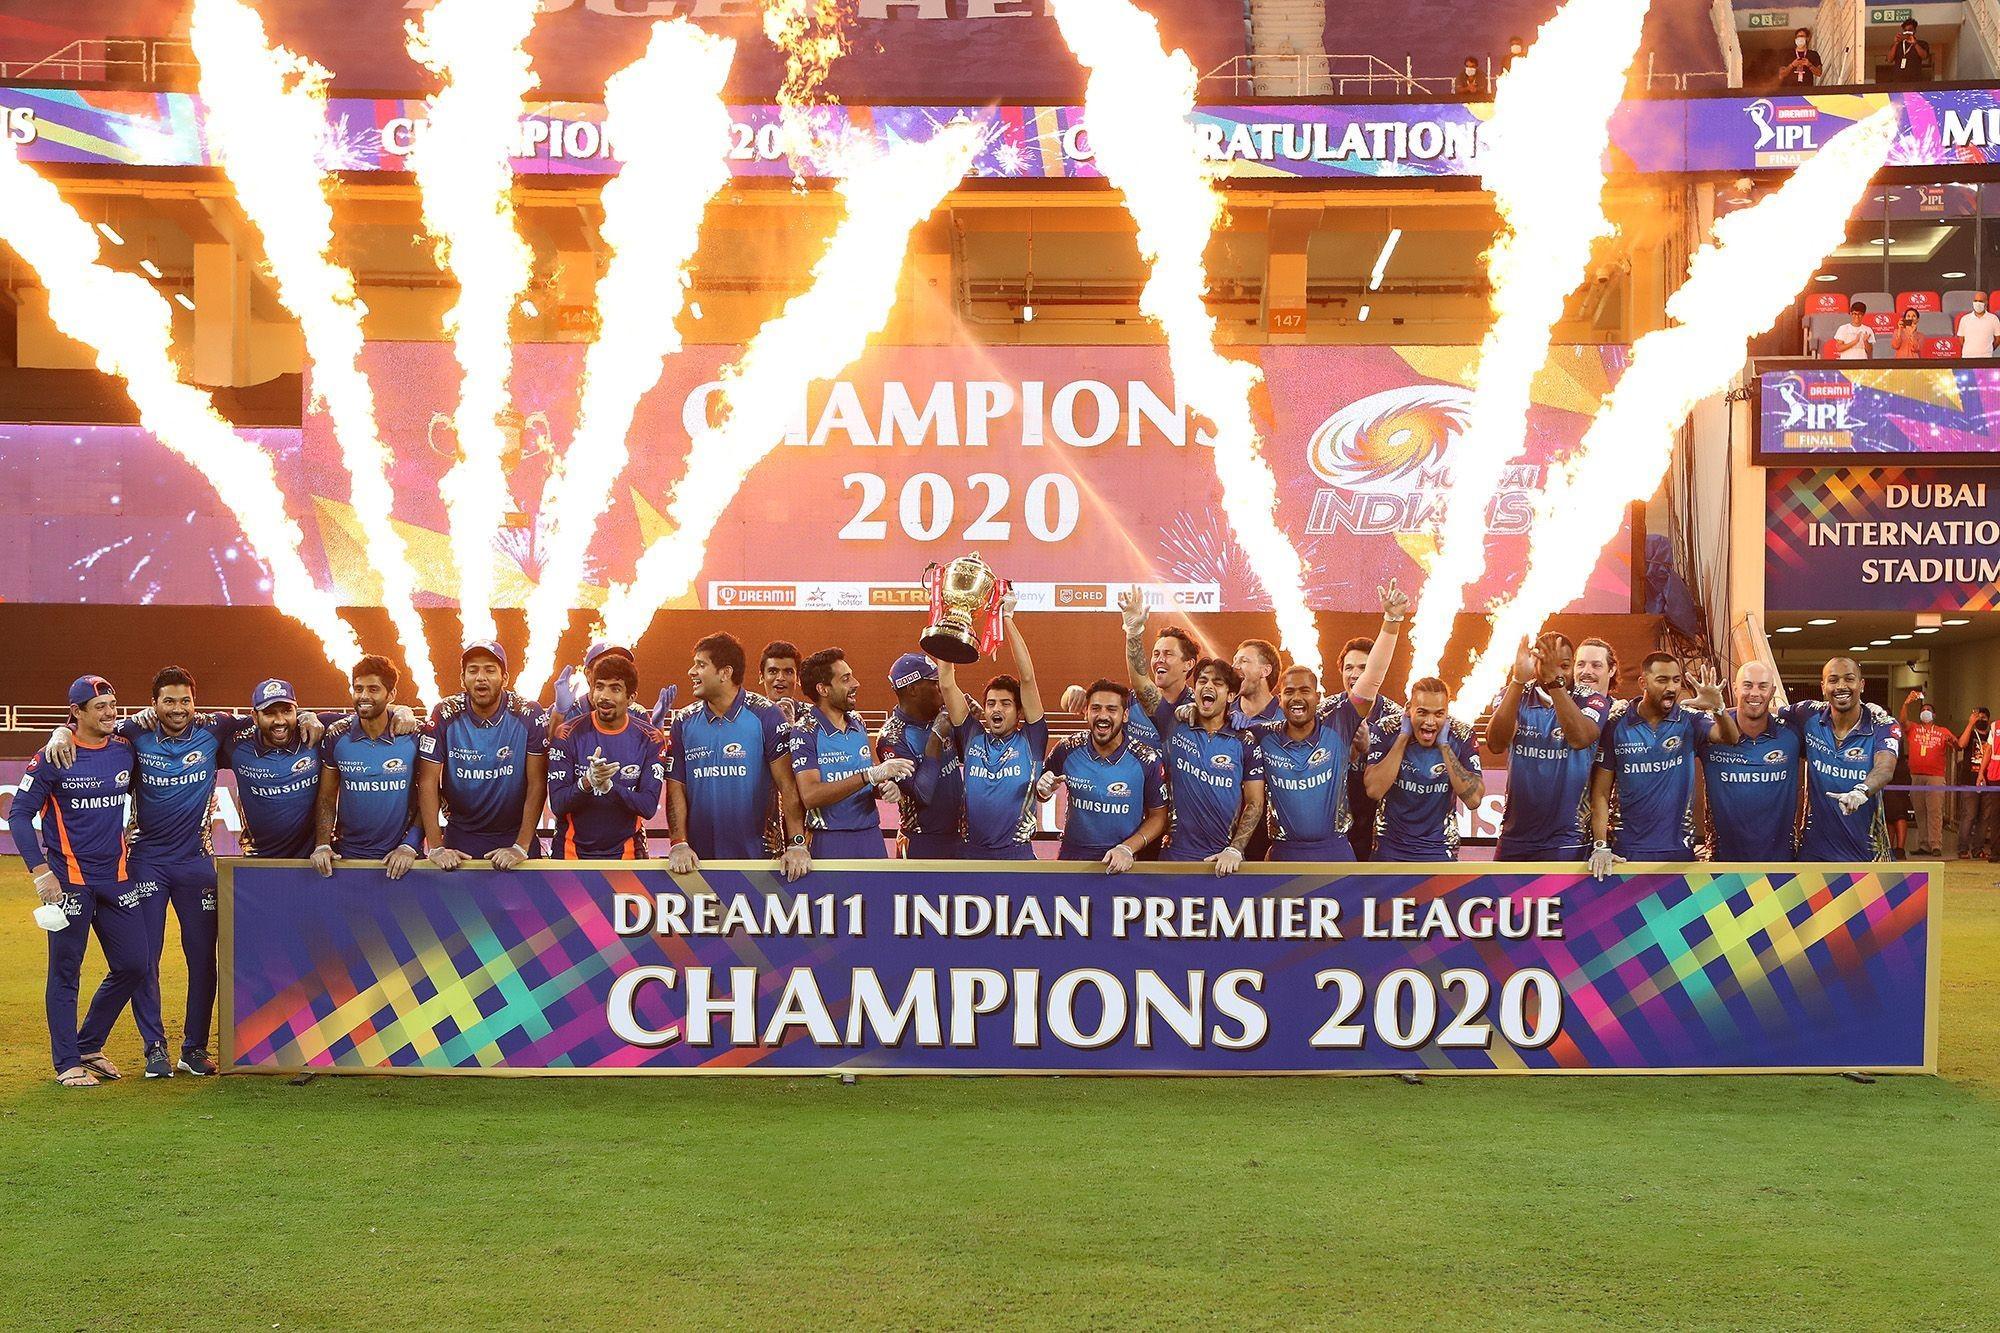 आईपीएल: मुम्बई इण्डियन्स पाँचौं पटक आईपीएल च्याम्पियन